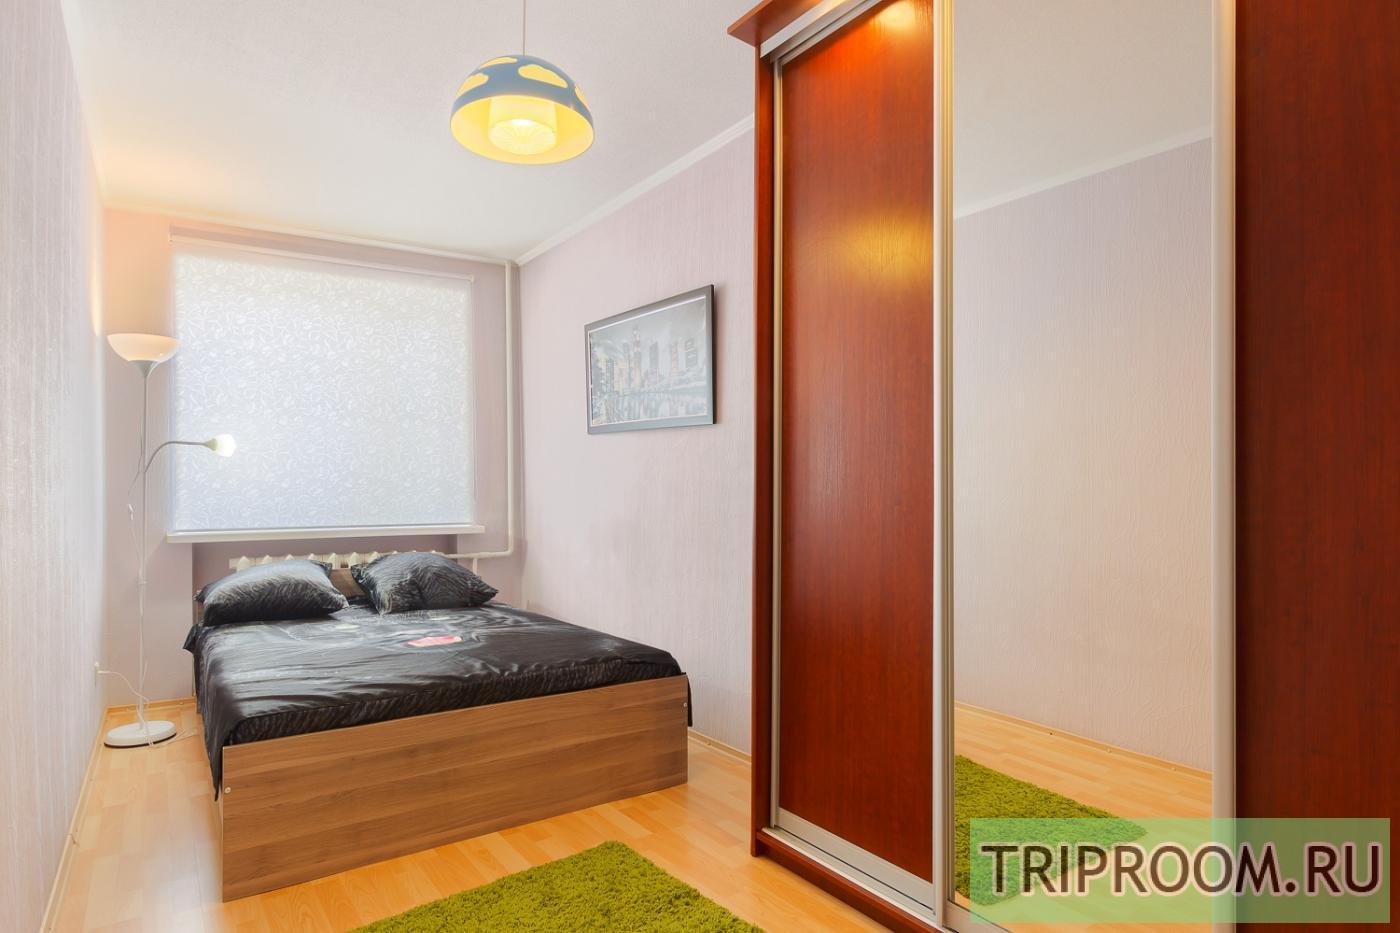 2-комнатная квартира посуточно (вариант № 11540), ул. Красноармейская улица, фото № 5